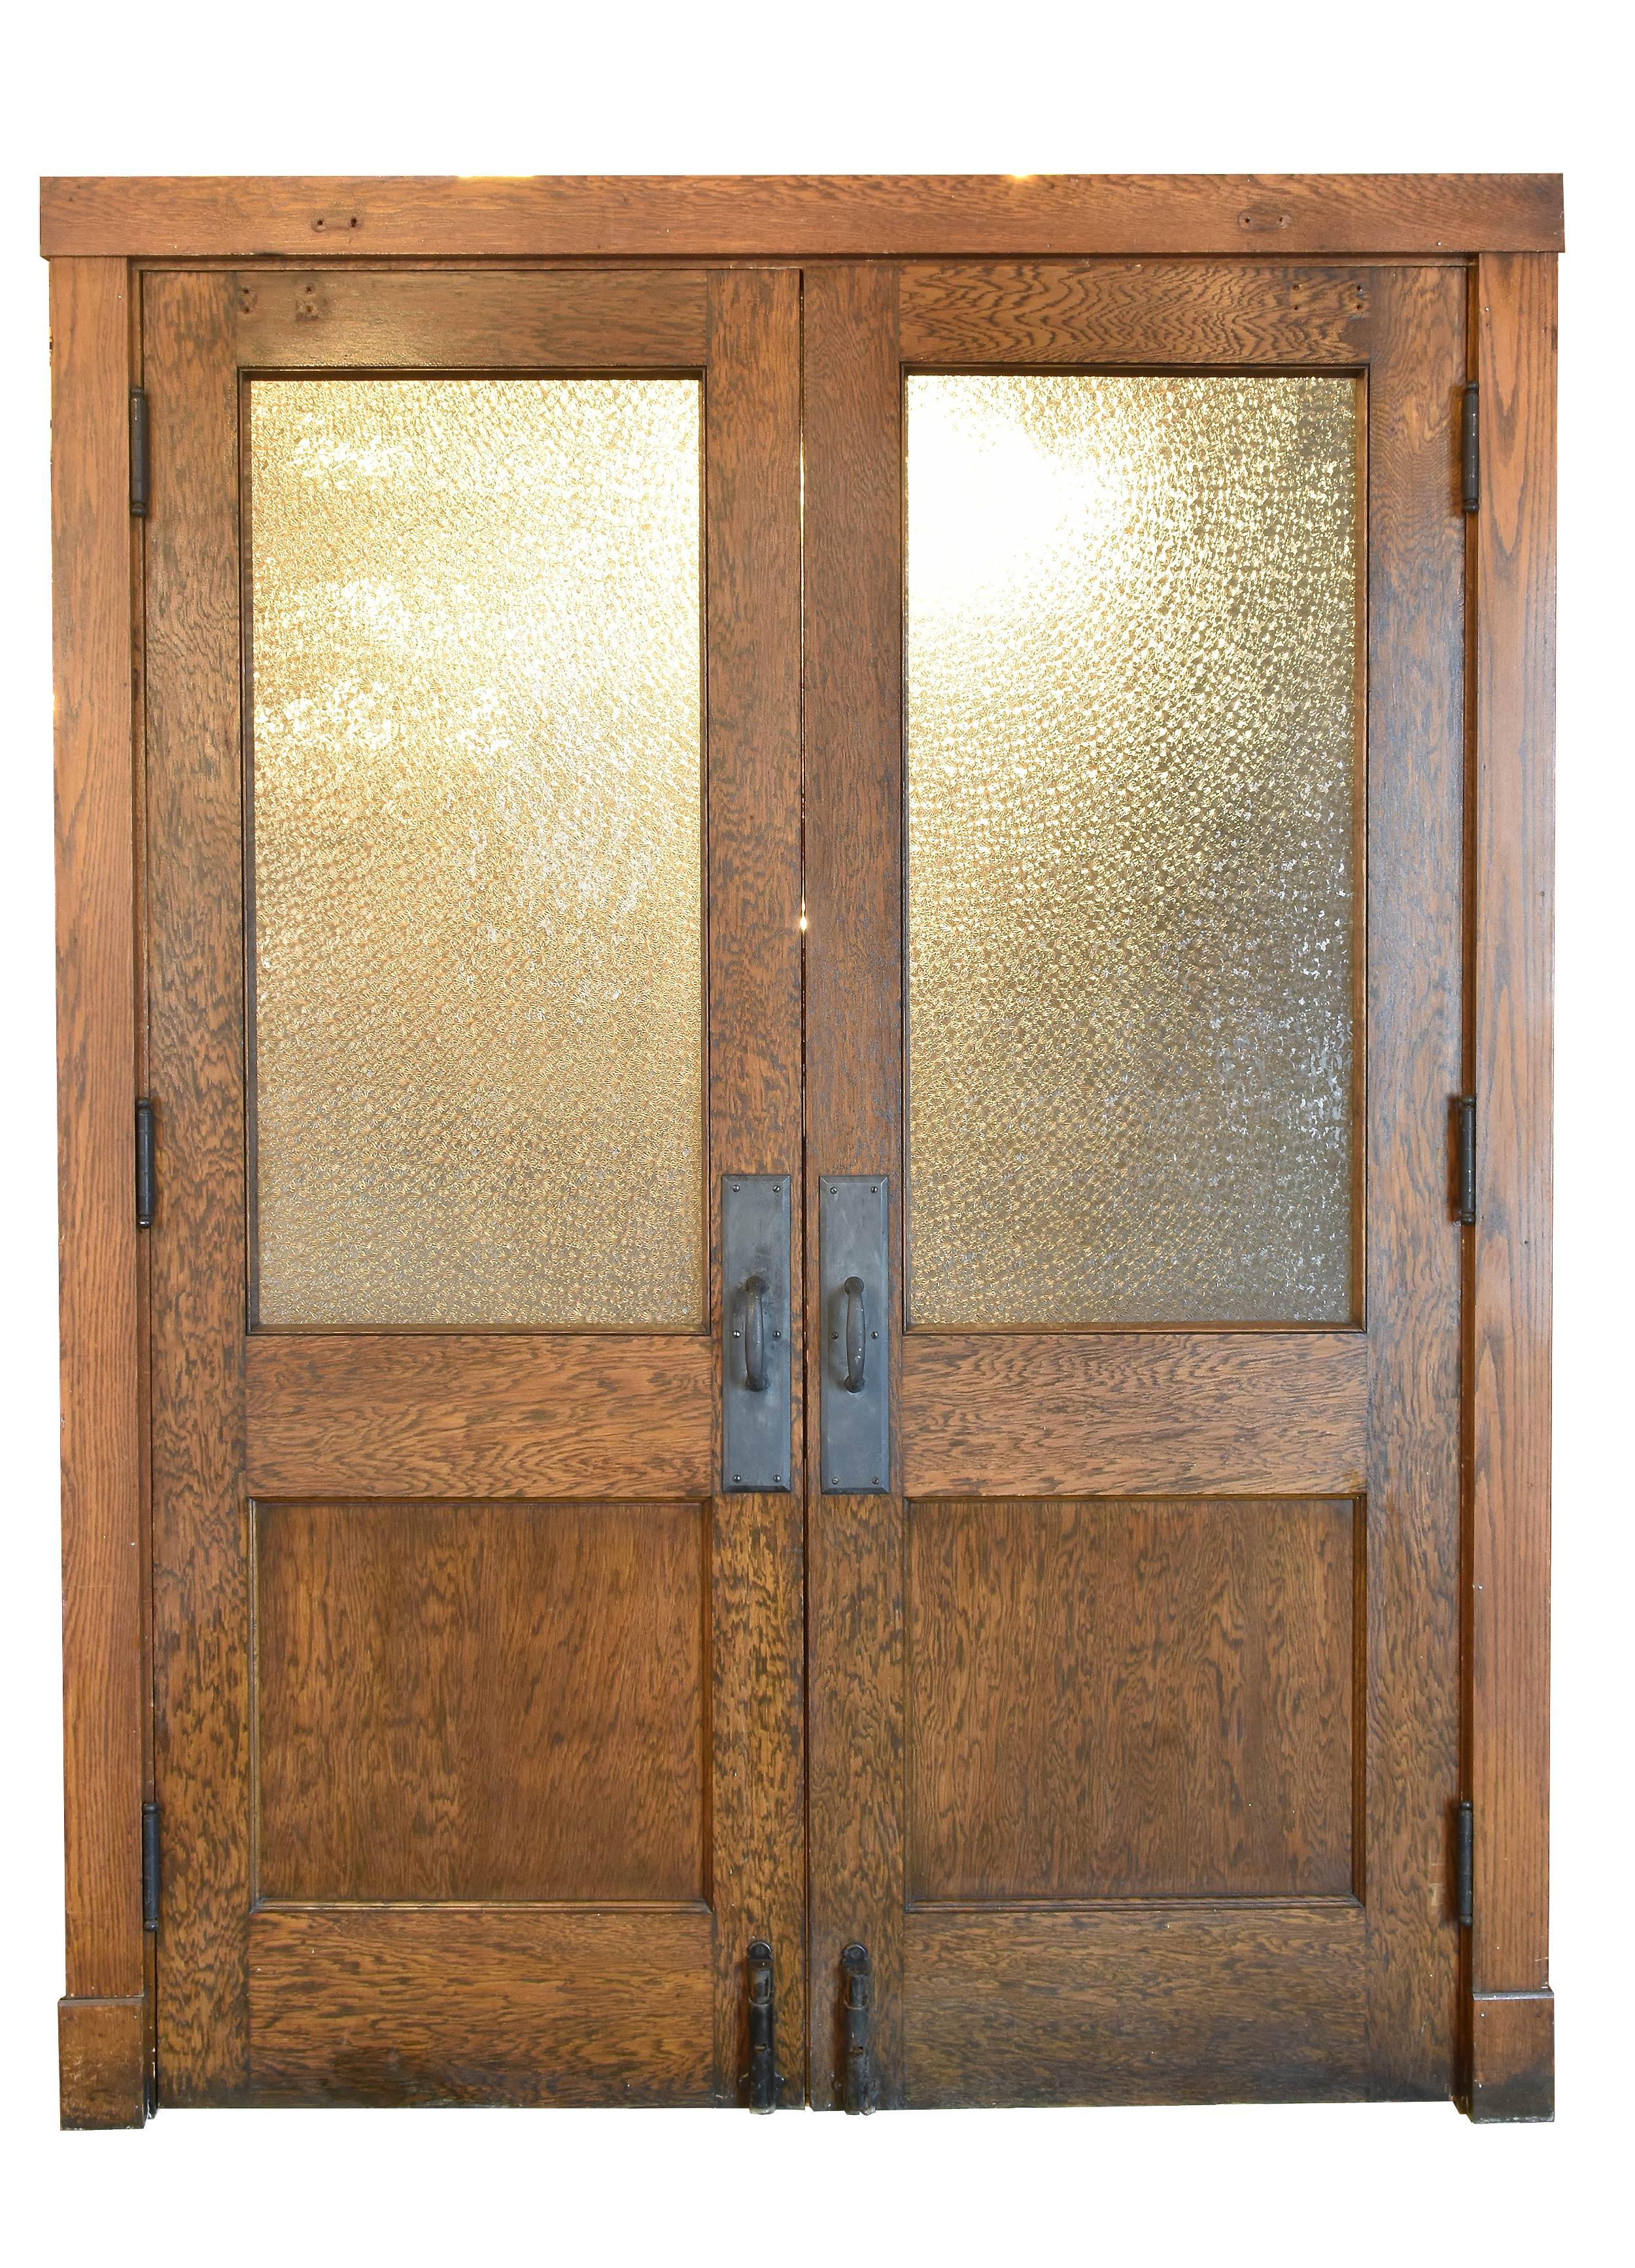 47645 double doors oak in frame.jpg